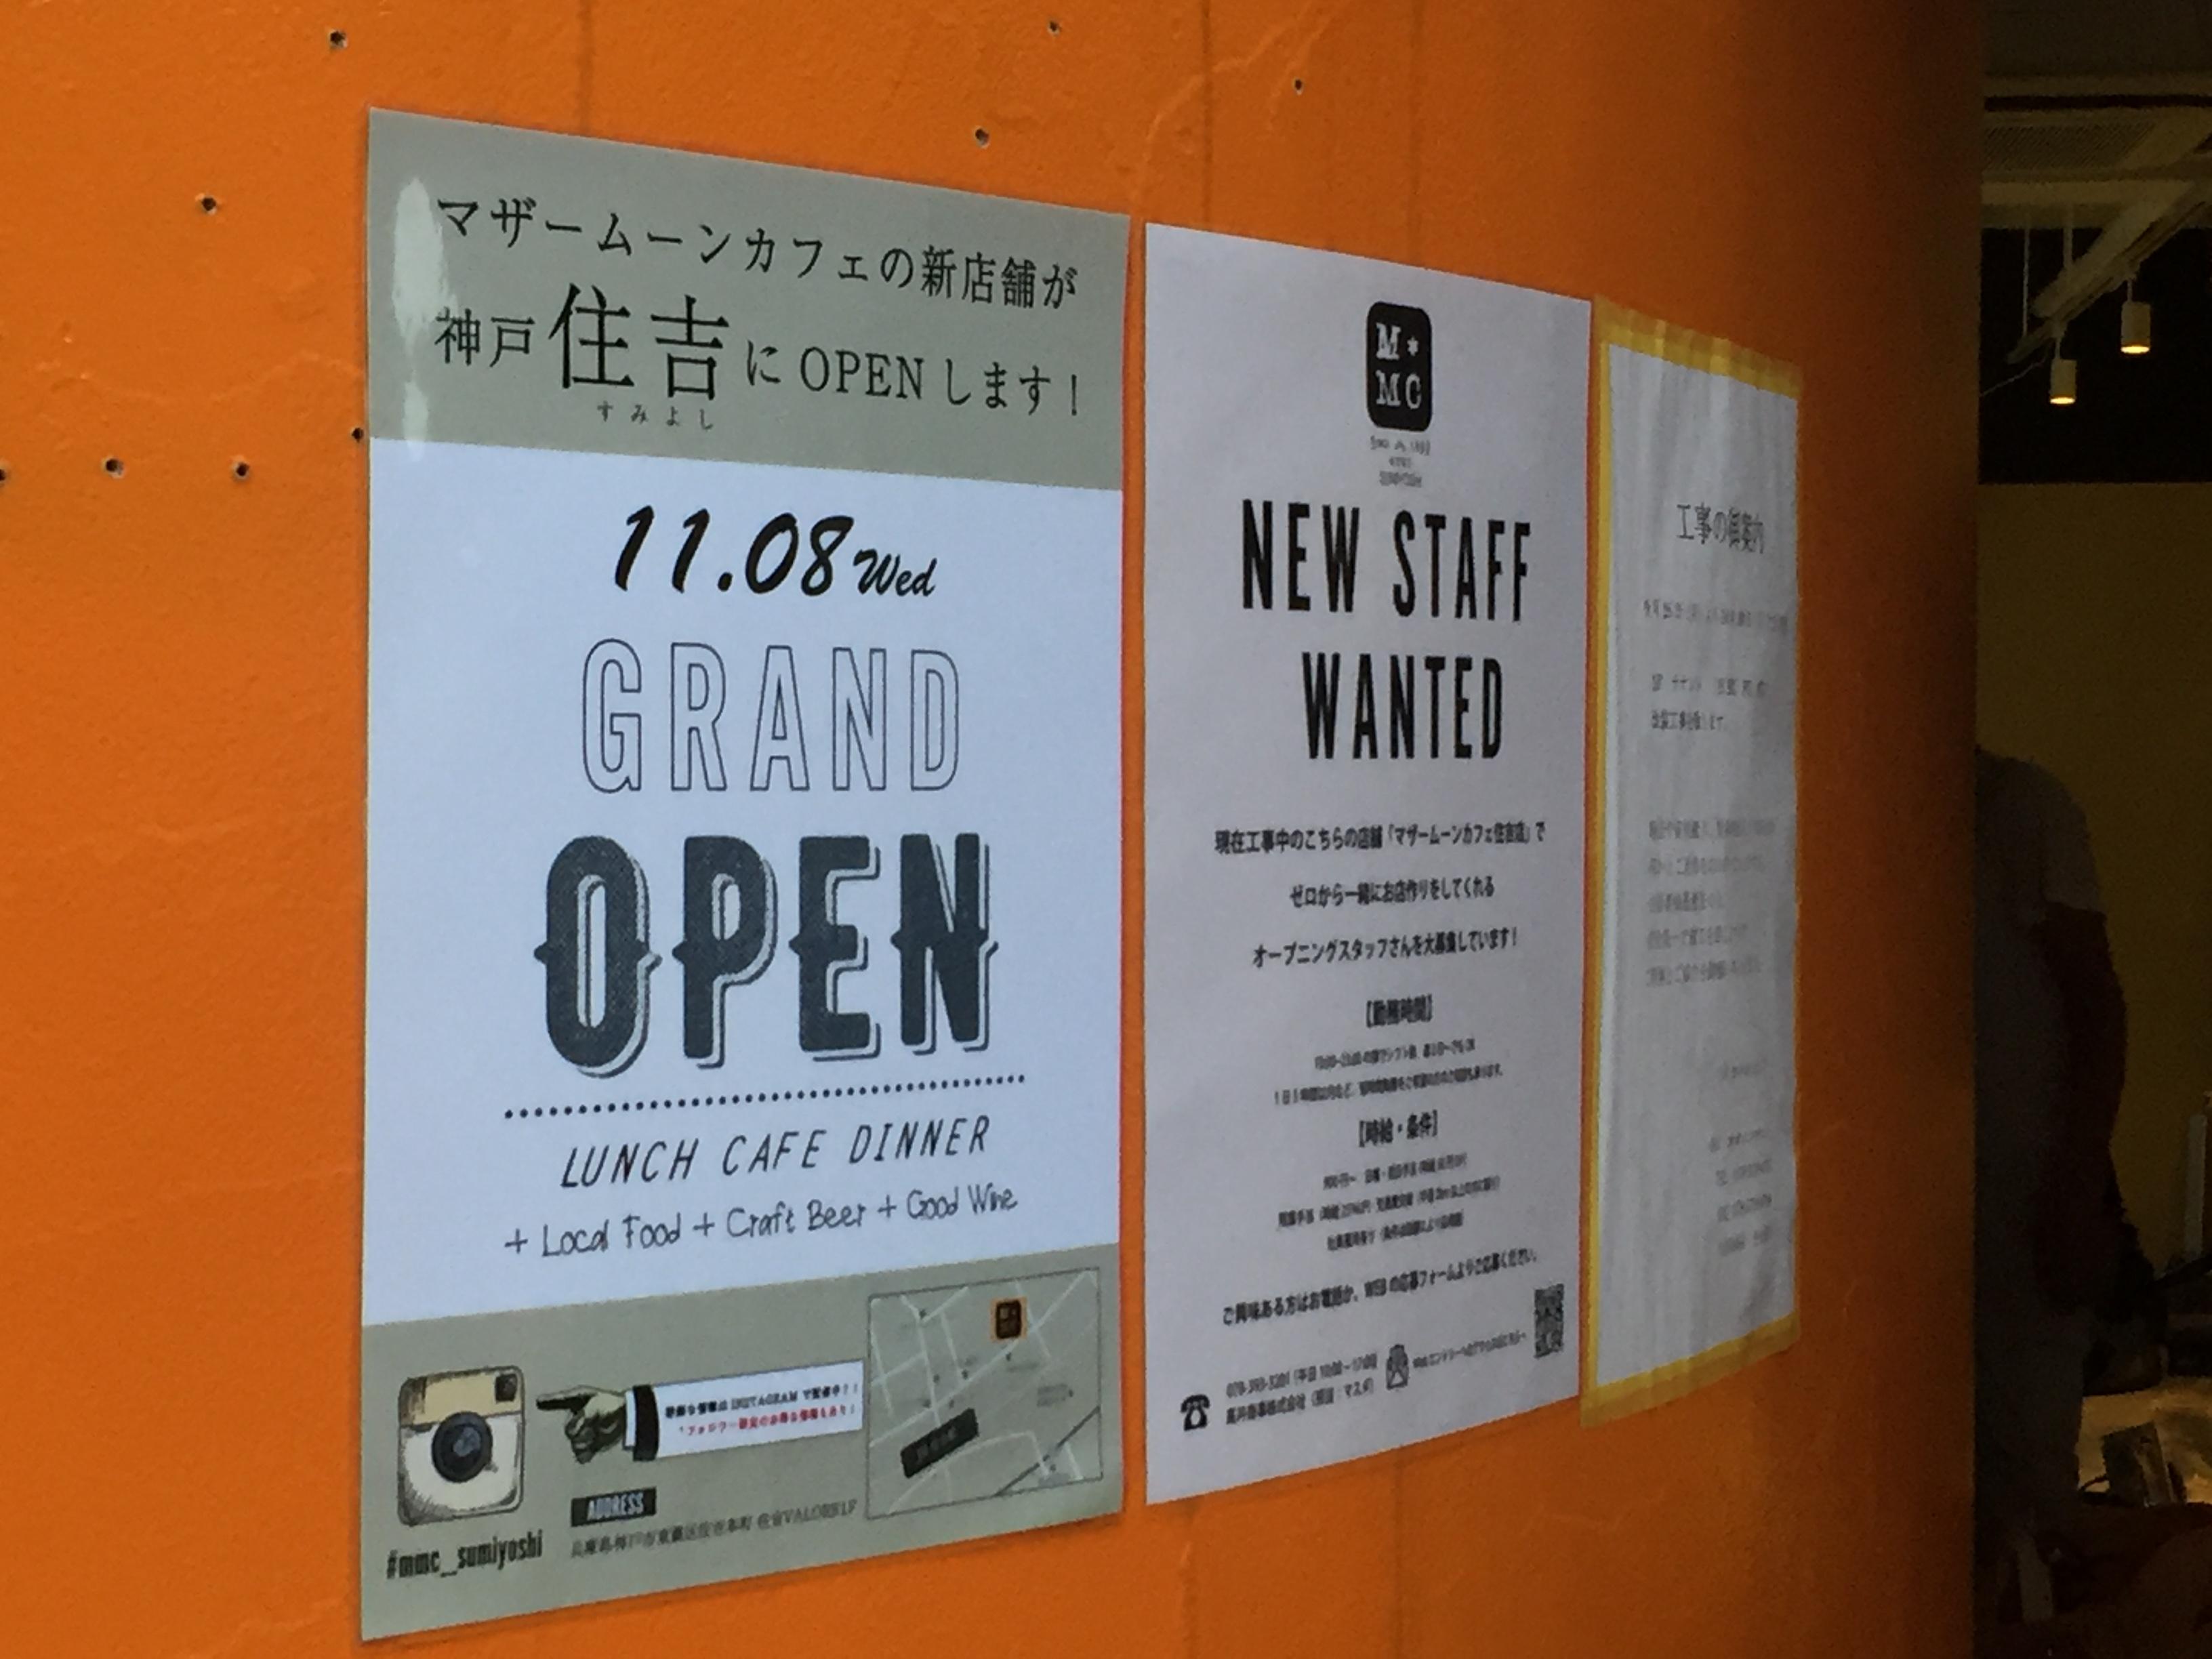 神戸・住吉に11/8(水)に「マザームーンカフェ」の新店舗がオープン!【※工事中の写真あり】 #マザームーンカフェ